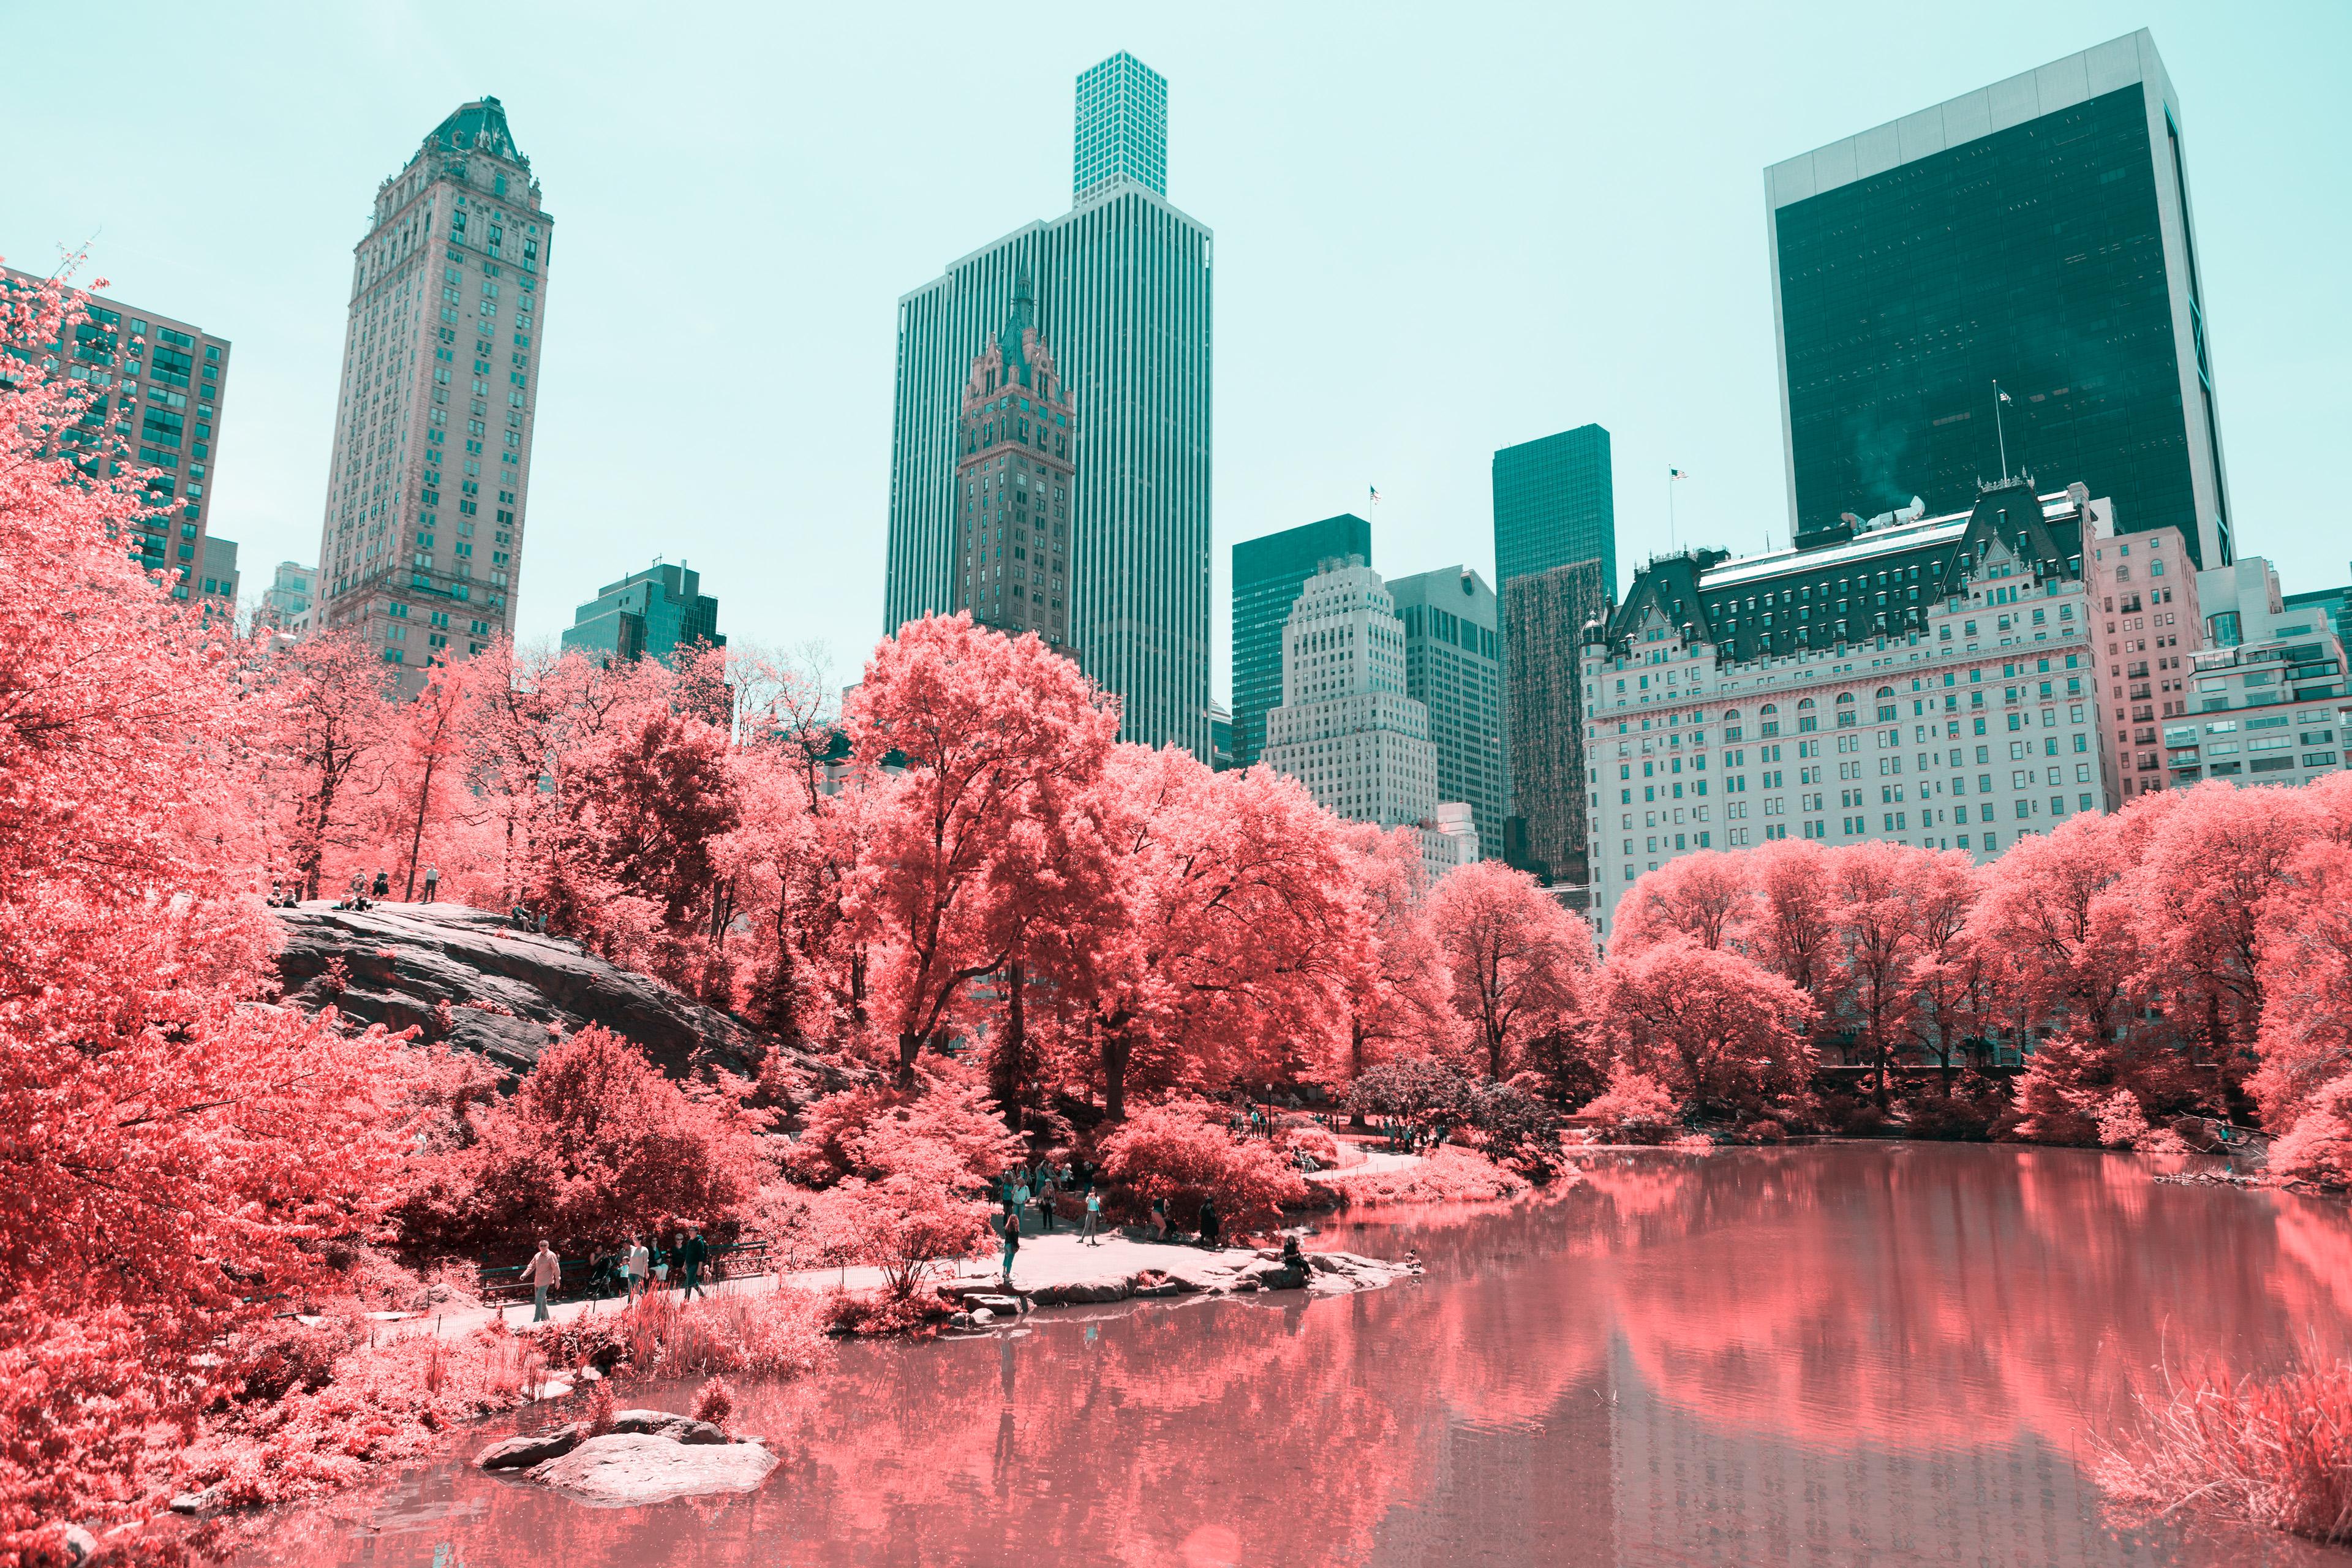 La New York ad infrarossi del fotografo Paolo Pettigiani | Collater.al 7